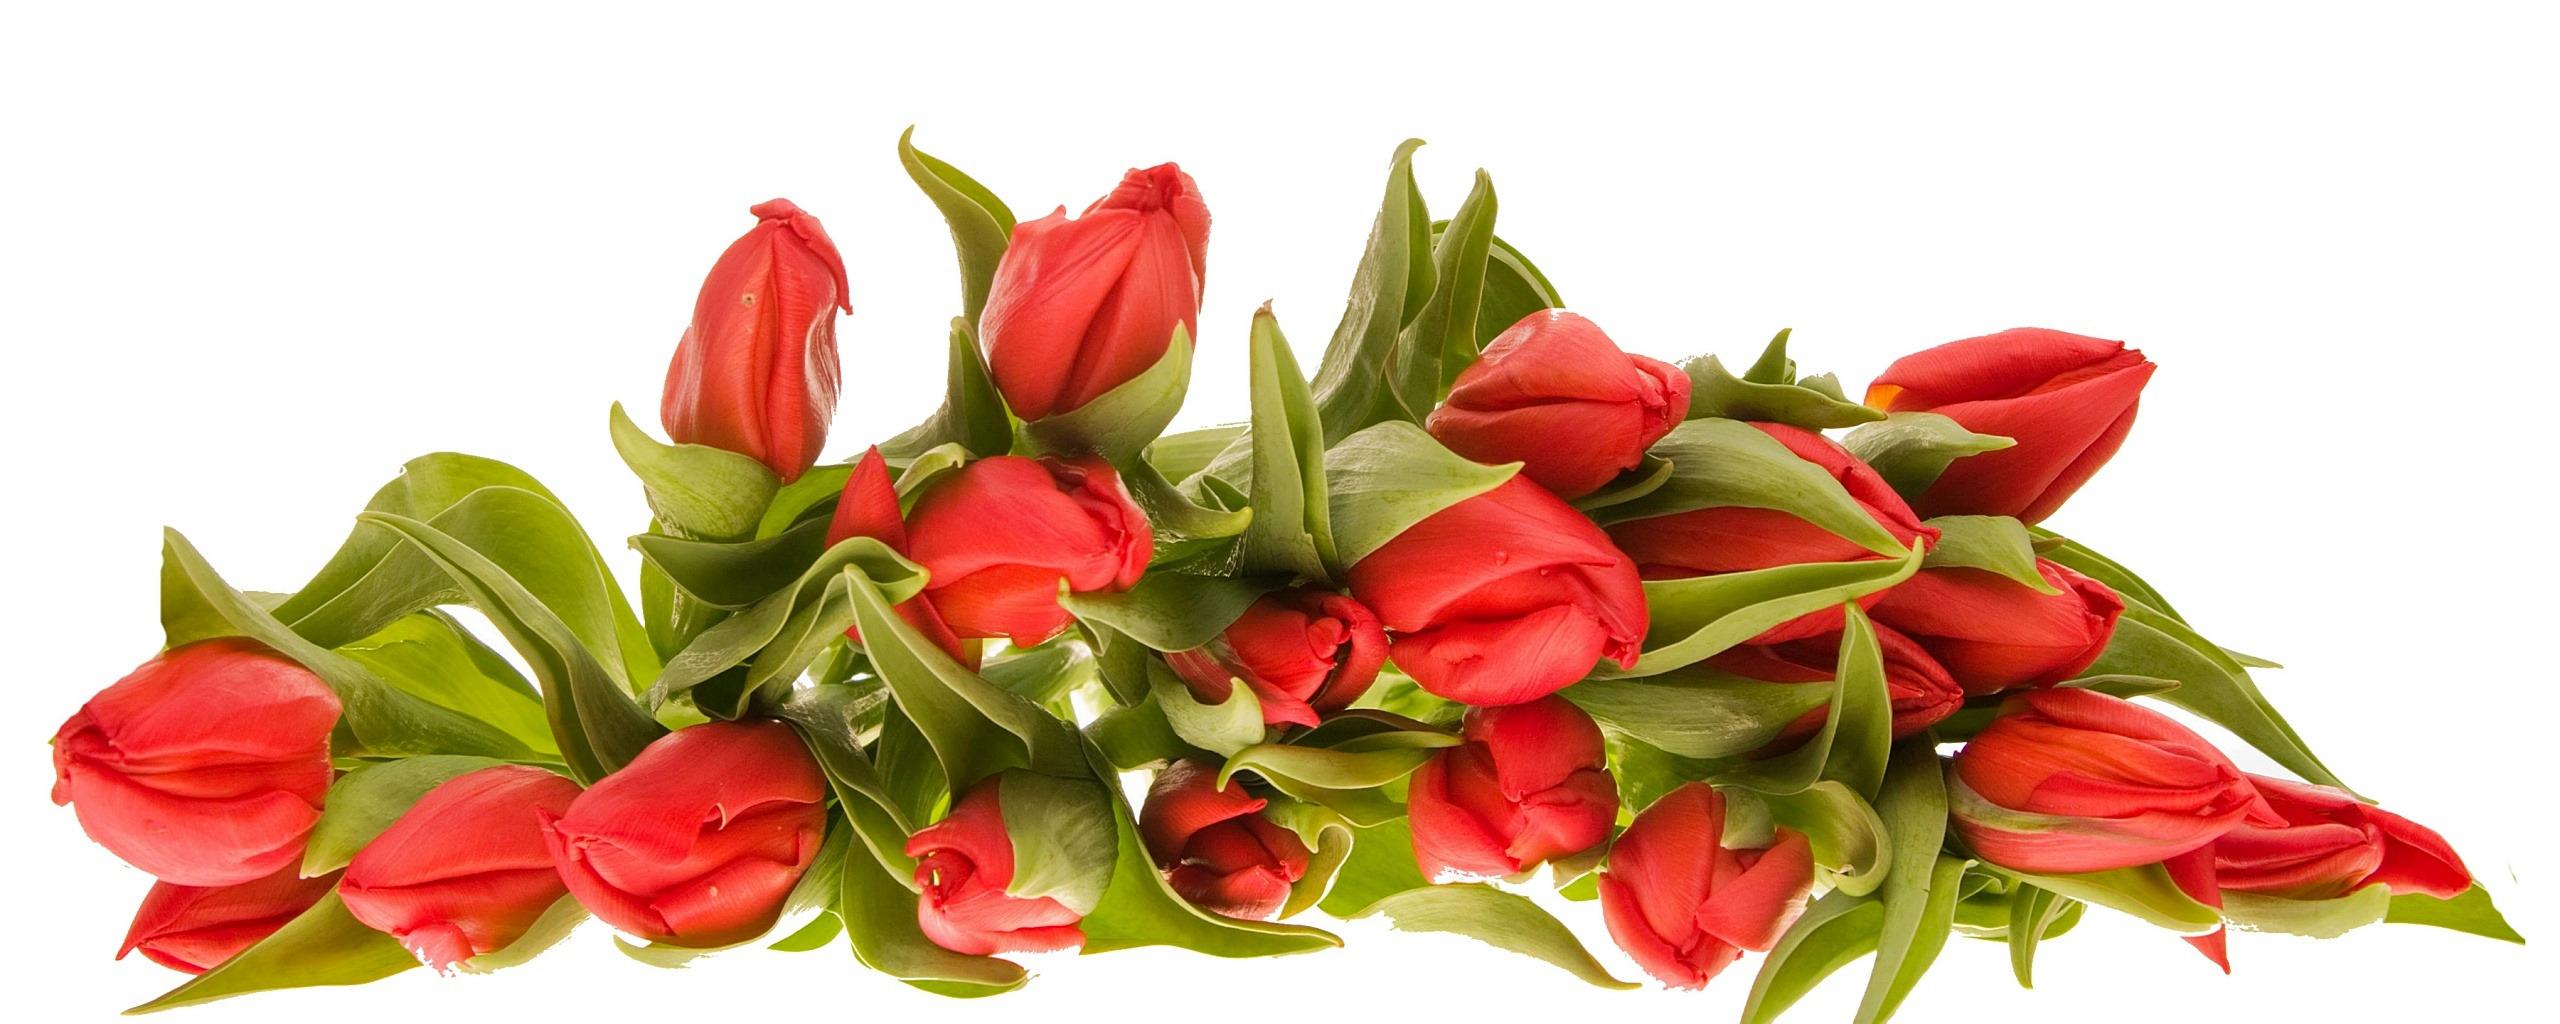 картинки цветов на 8 марта красивые на прозрачном фоне скрыть номера представляется